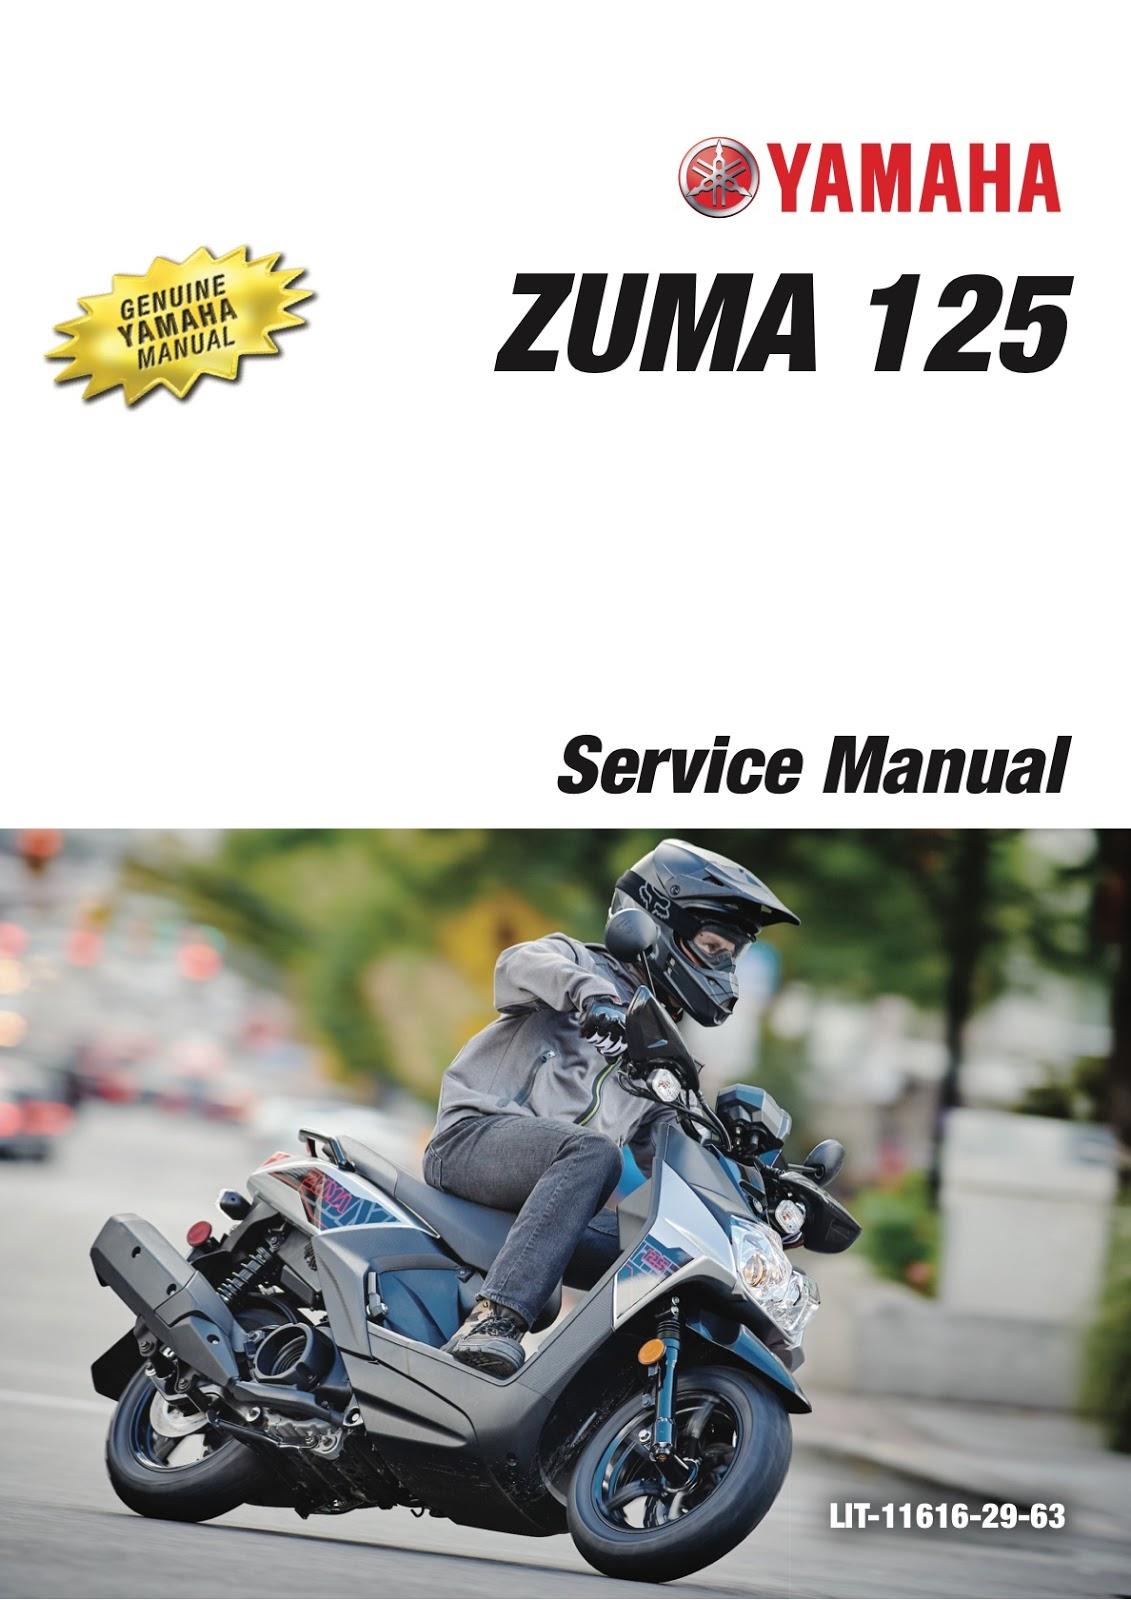 on 2009 Yamaha Zuma 125 Service Manual